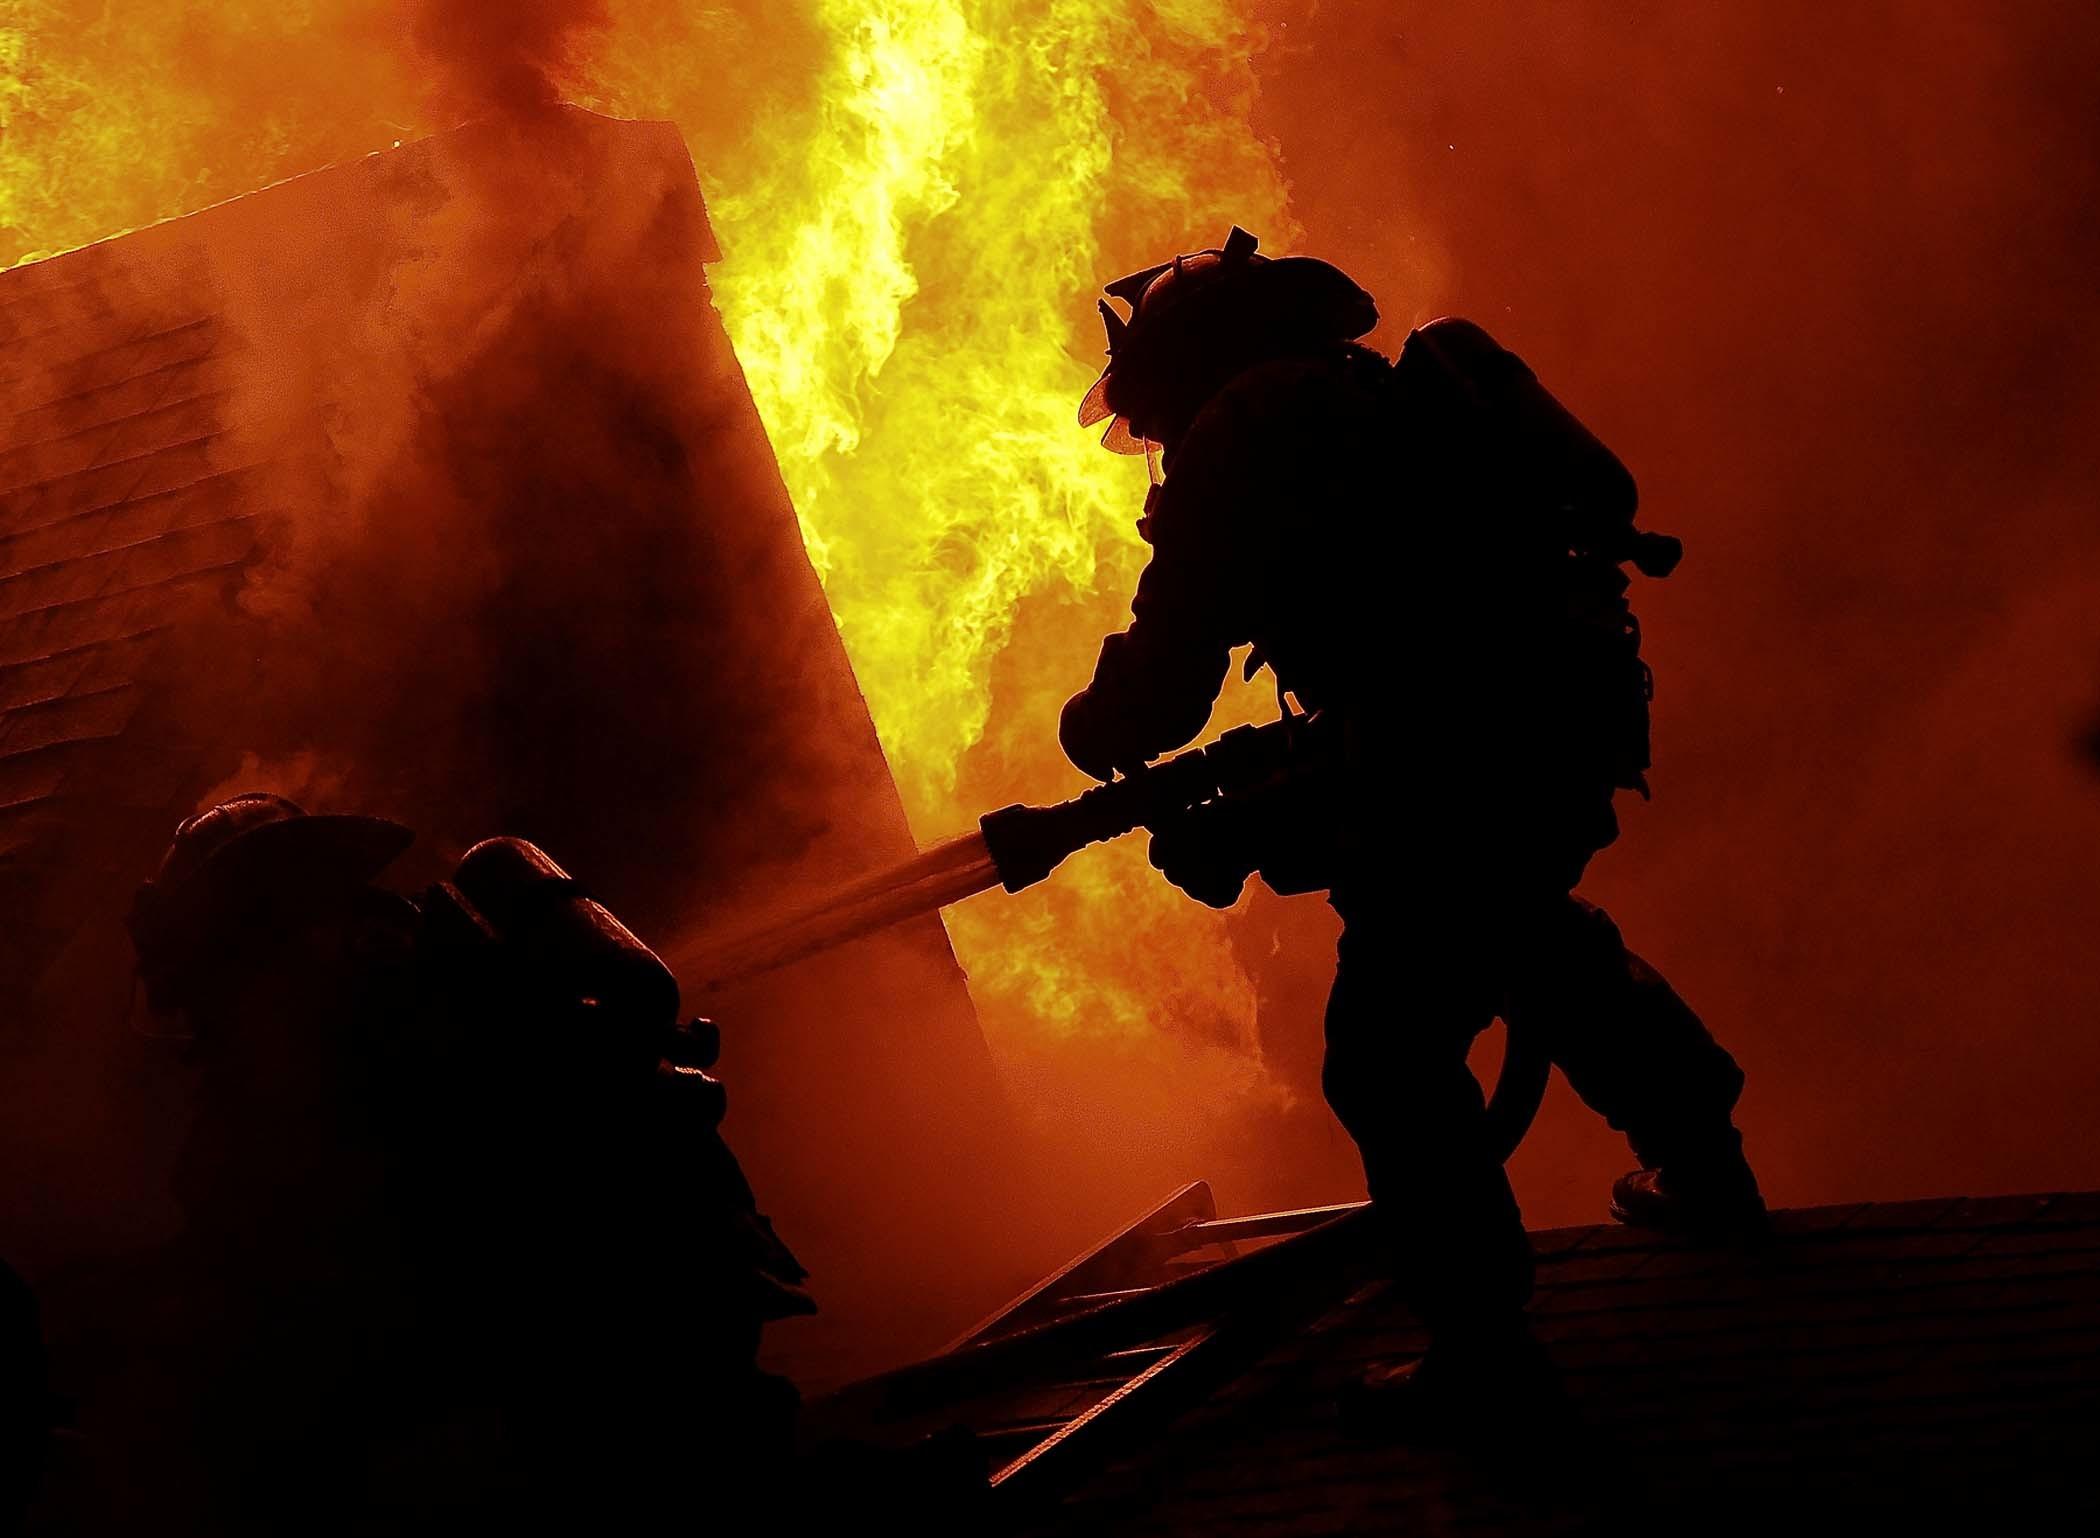 Firefighter Wallpapers · Navy Seal Wallpapers | Best Desktop .